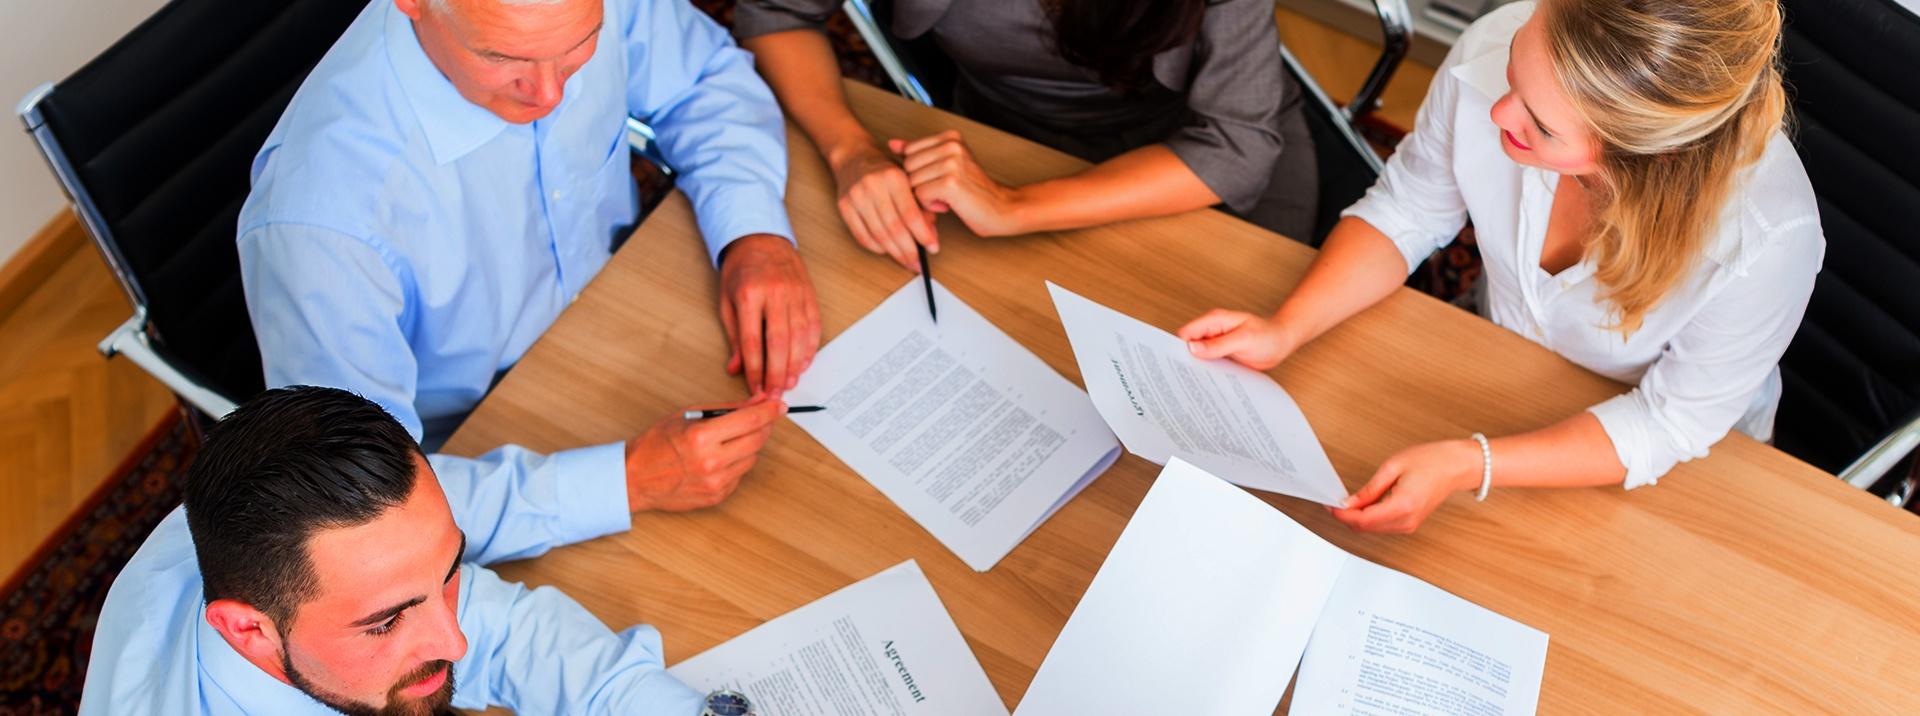 Law / Legal Internships